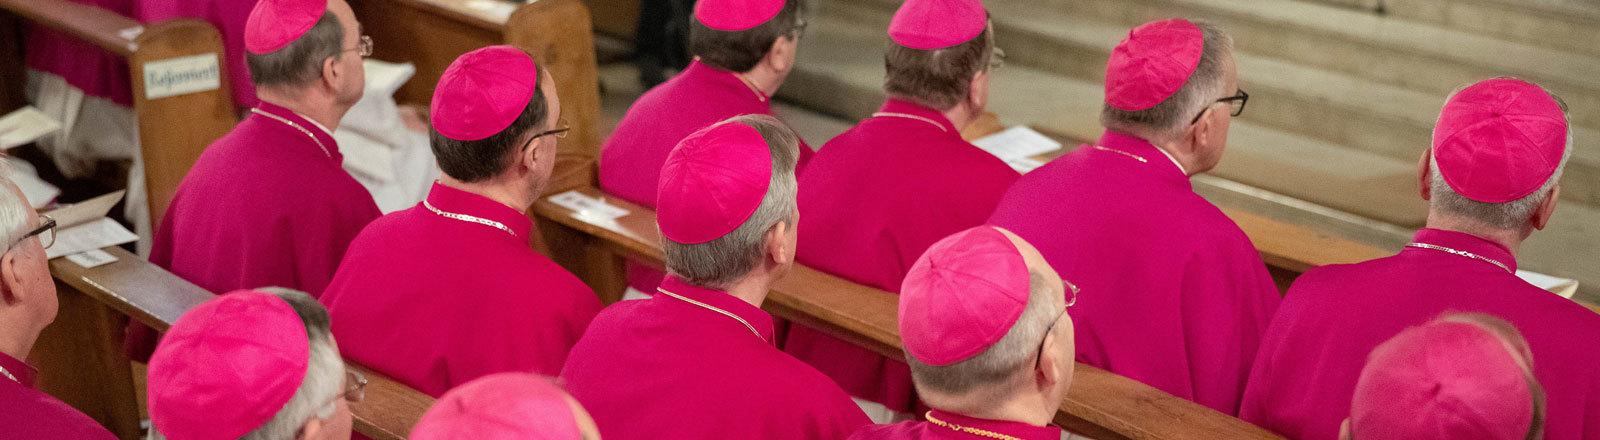 Im niedersächsischen Lingen treffen sich die deutschen Bischöfe zur Konferenz. Bischöfe sitzen in der Kirche beim Eröffnungsgottesdienst (11.03.2019); Foto: dpa